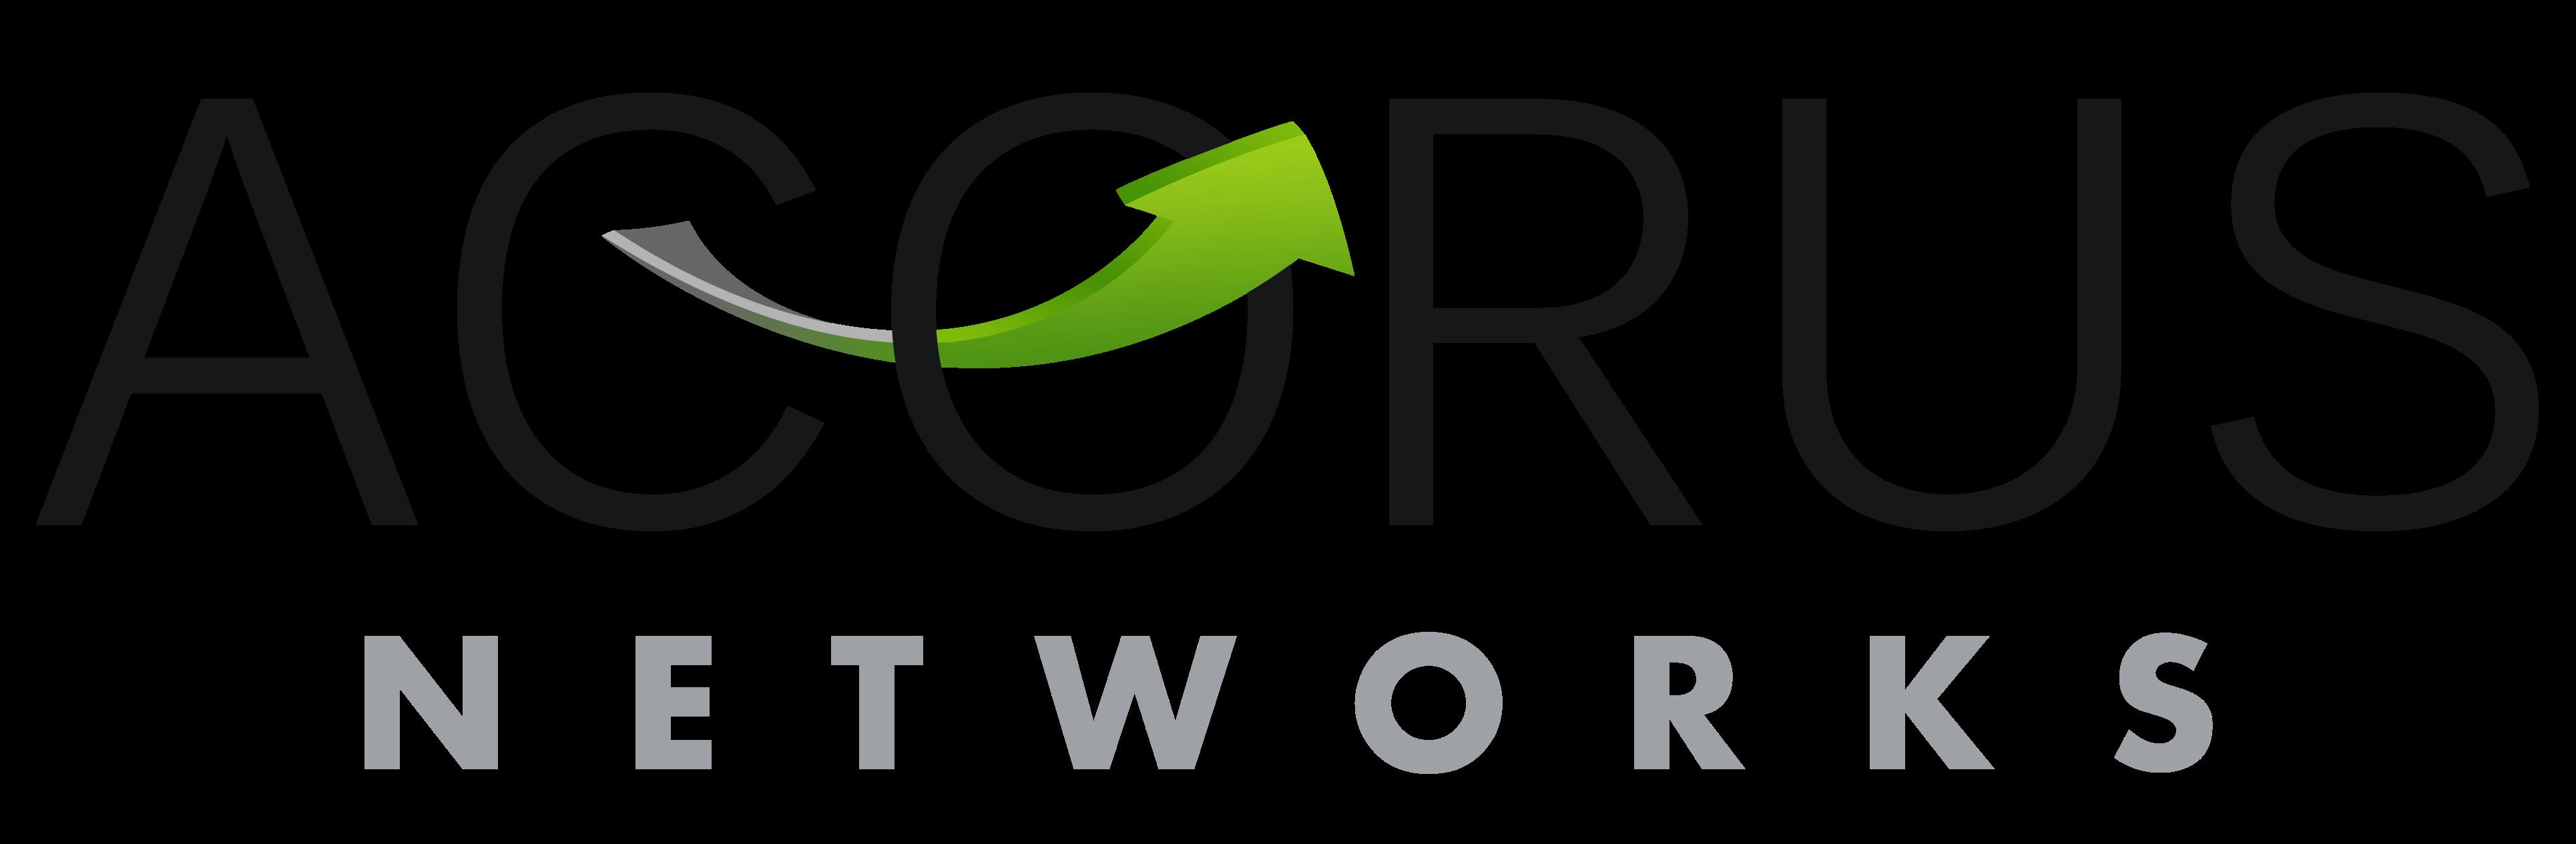 acorus-networks